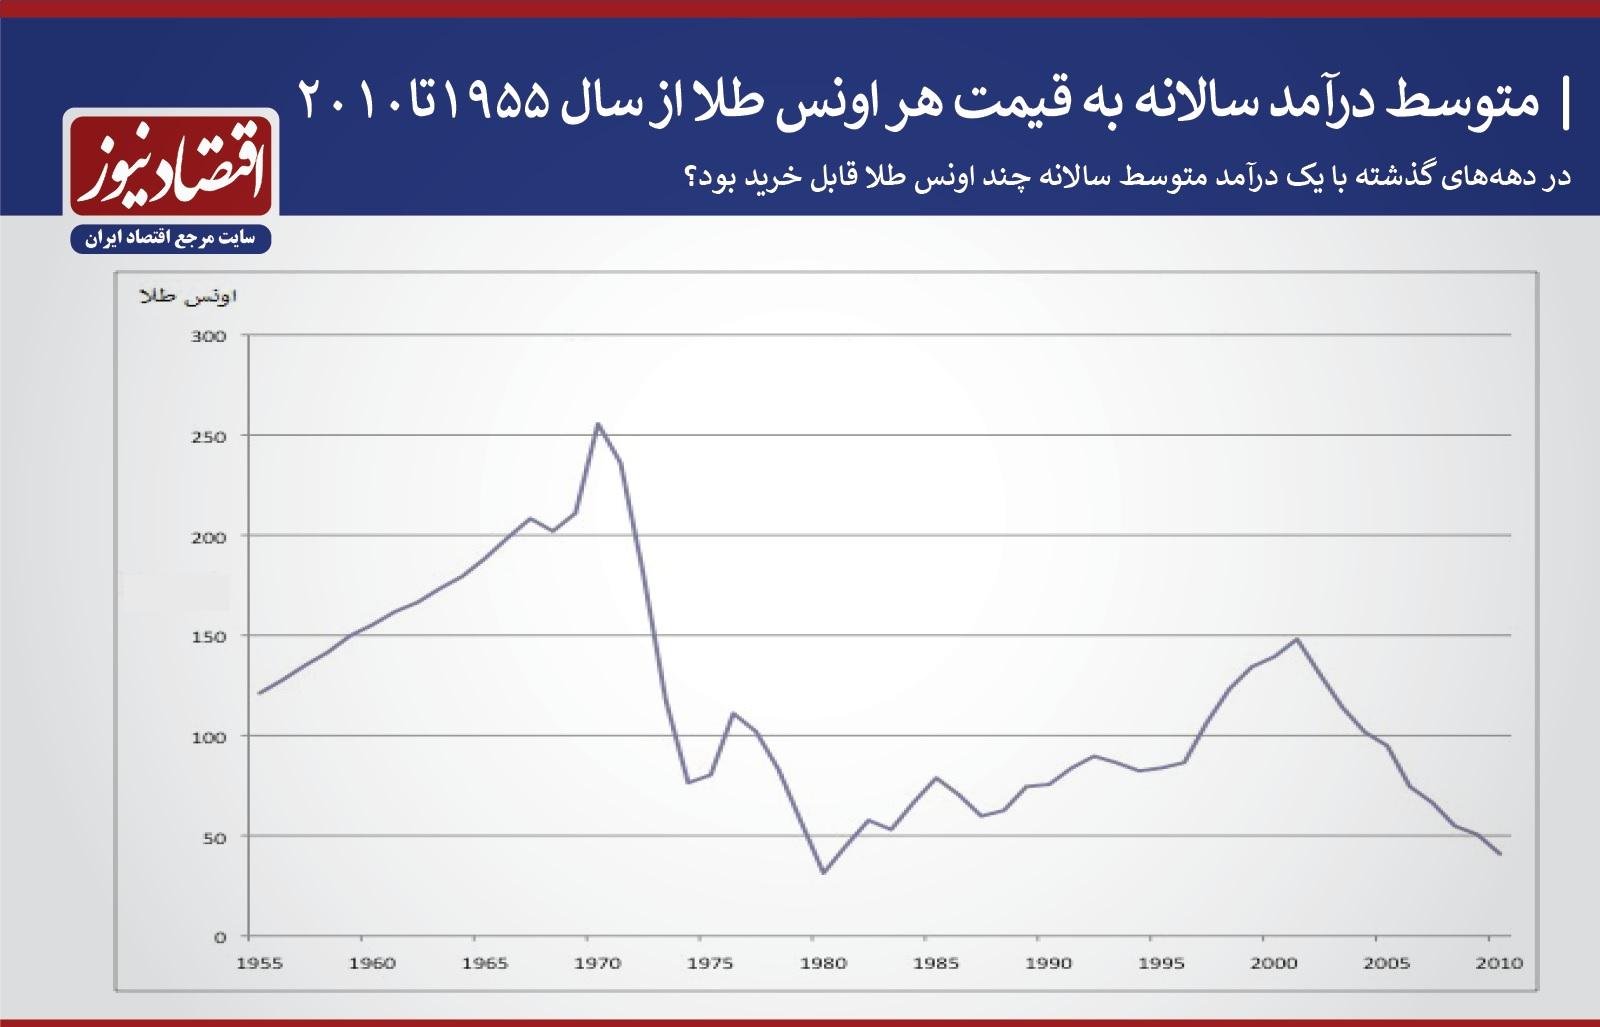 نمودار درآمد متوسط نسبت به طلا